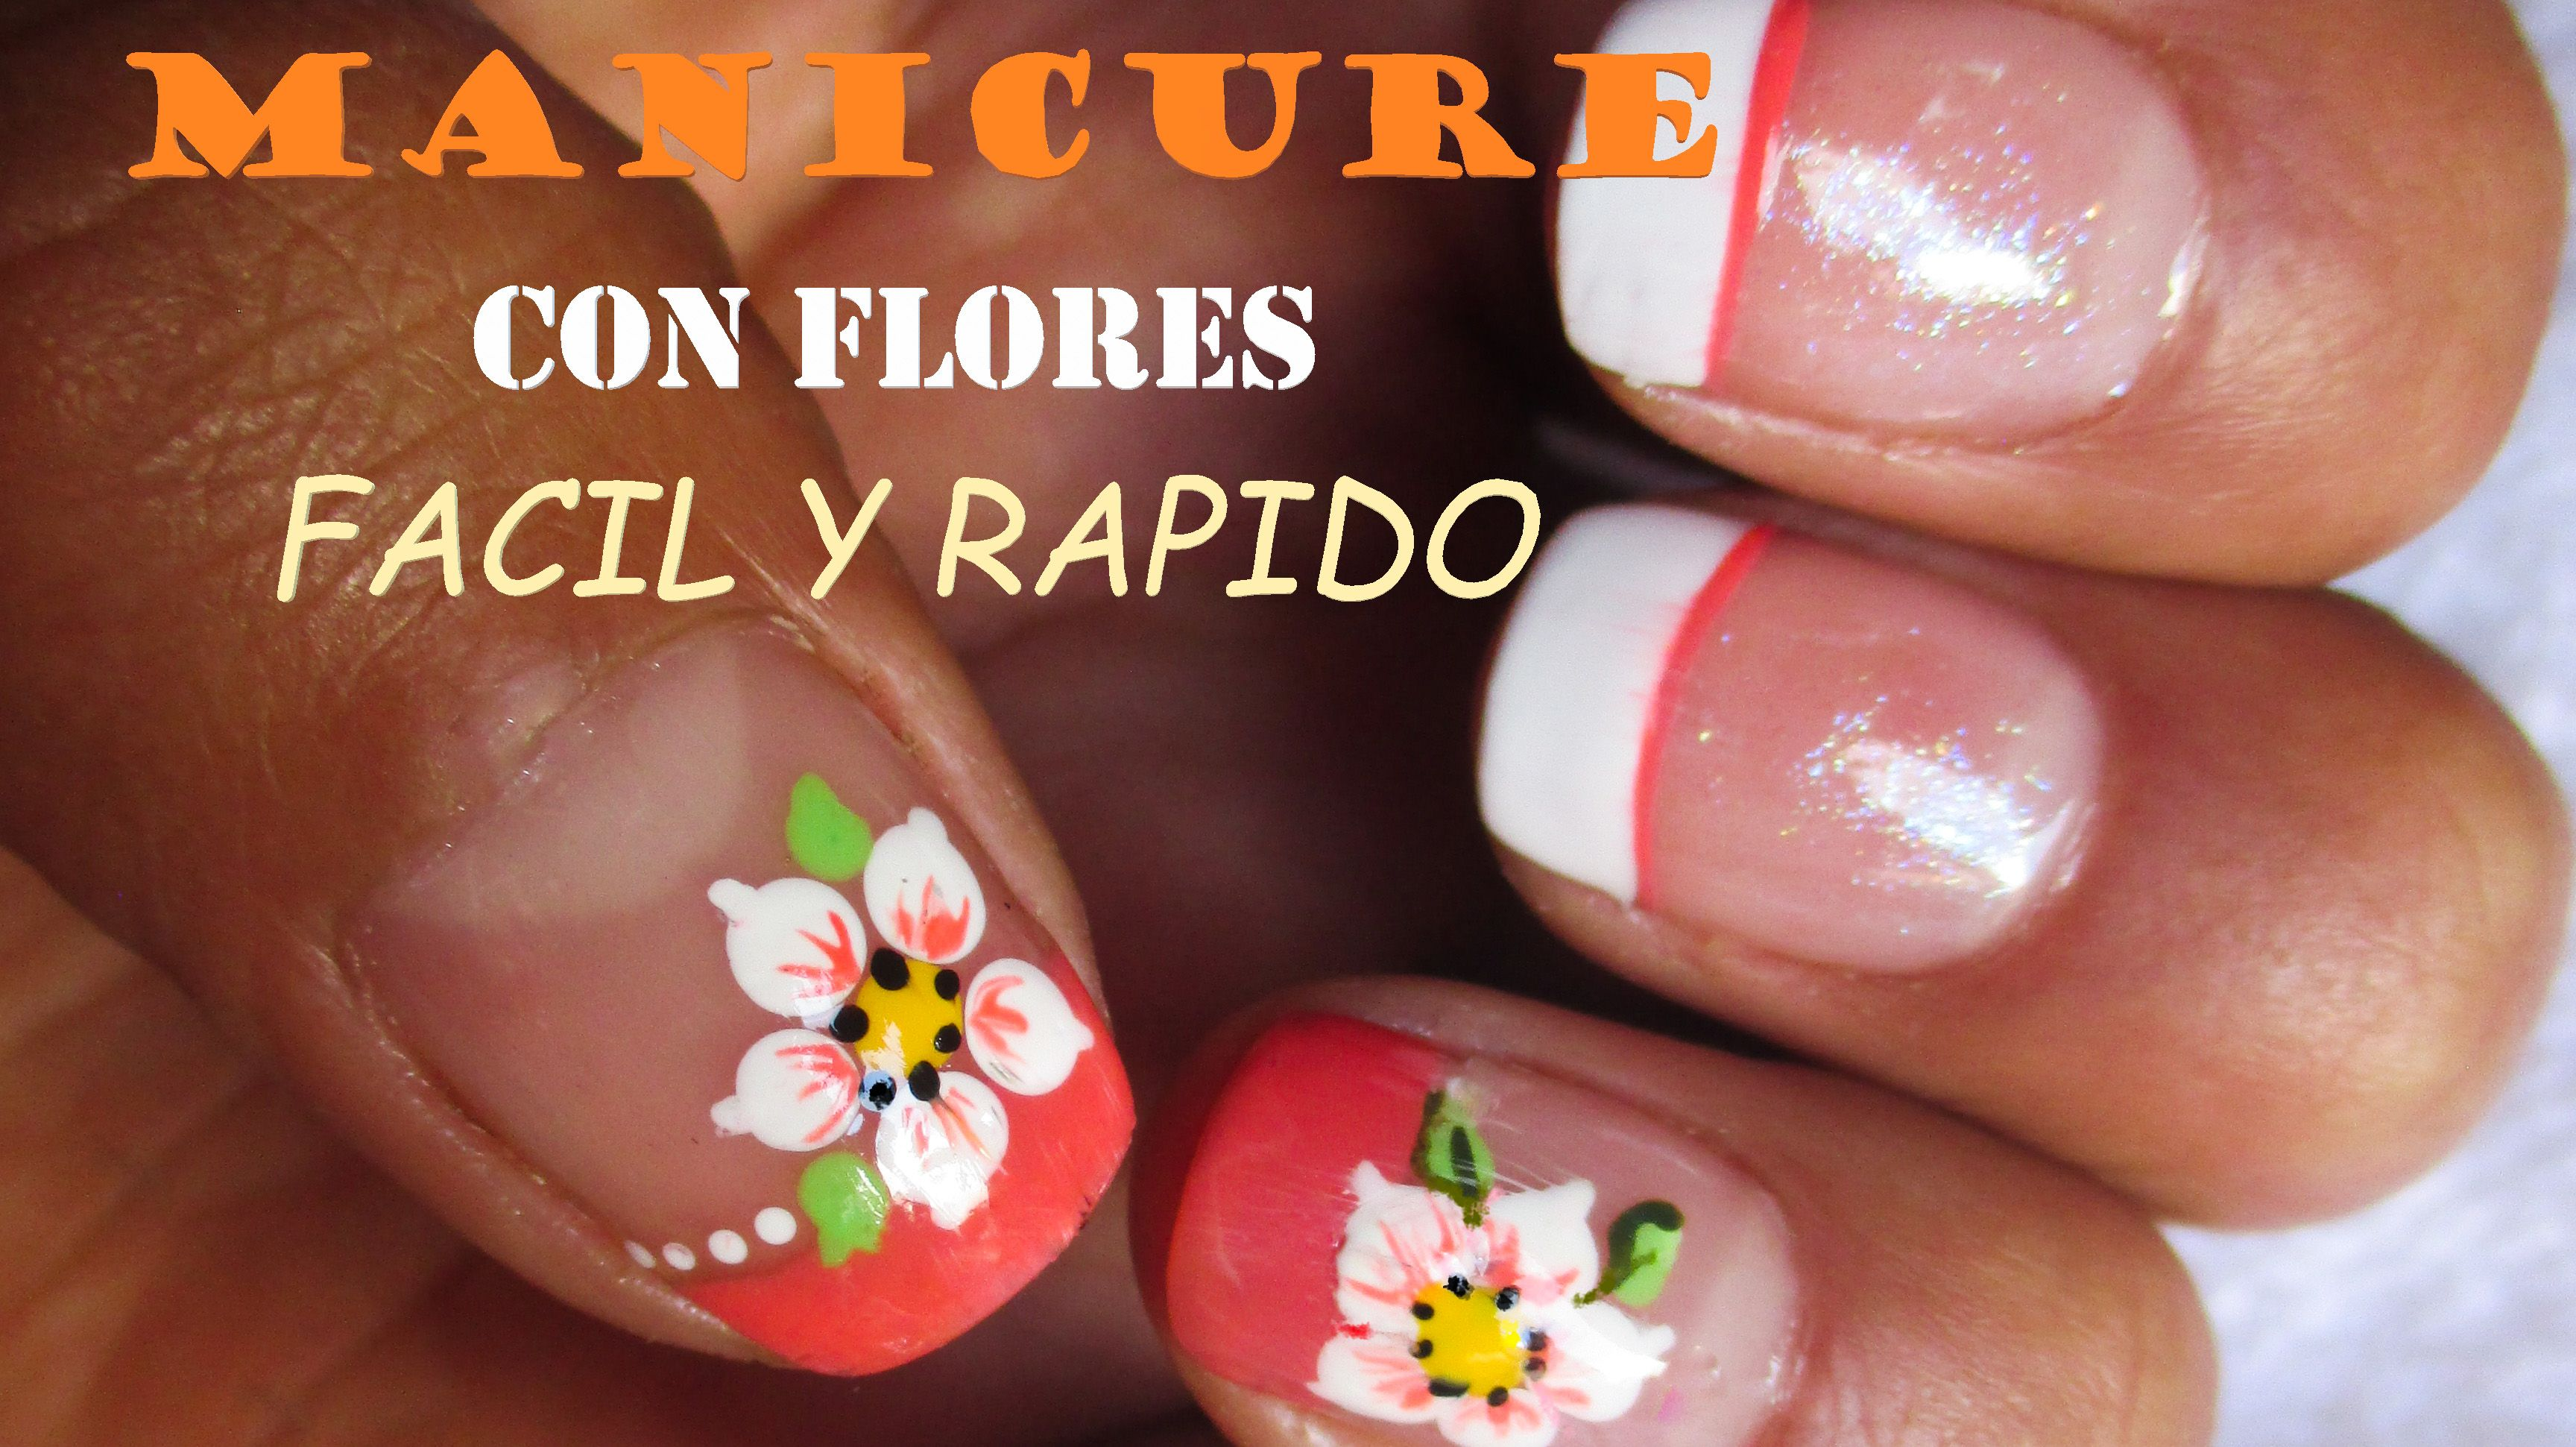 Diseño Para Uñas Con Flores Muy Bonito Y Super Facil De